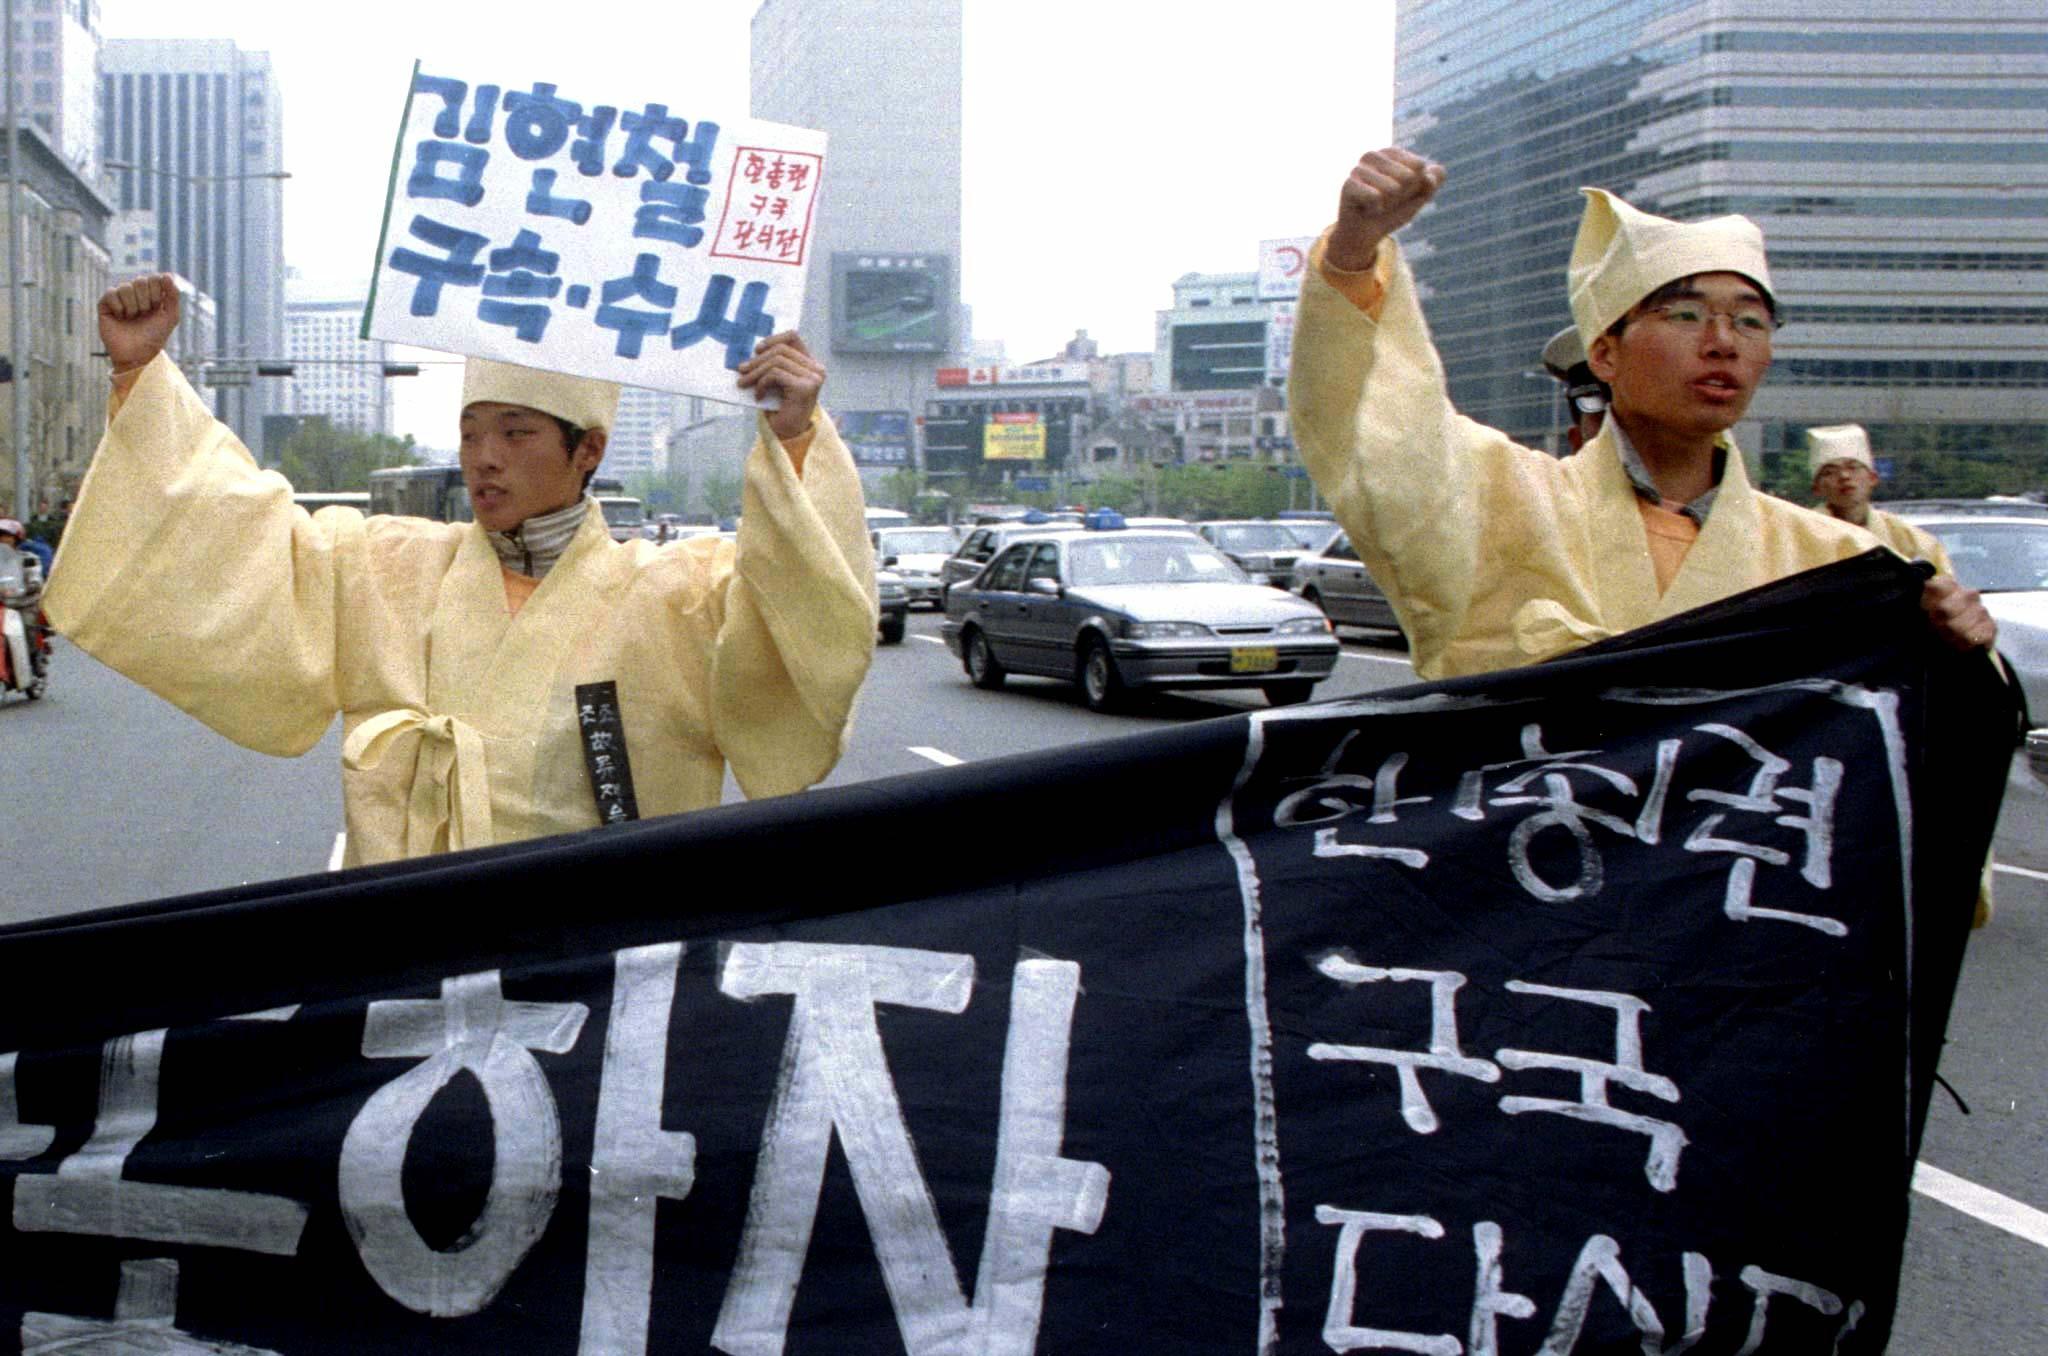 兒子金賢哲貪污事件曝光後,韓國學生示威,要求金泳三下台並逮捕金賢哲。(路透社資料圖片)